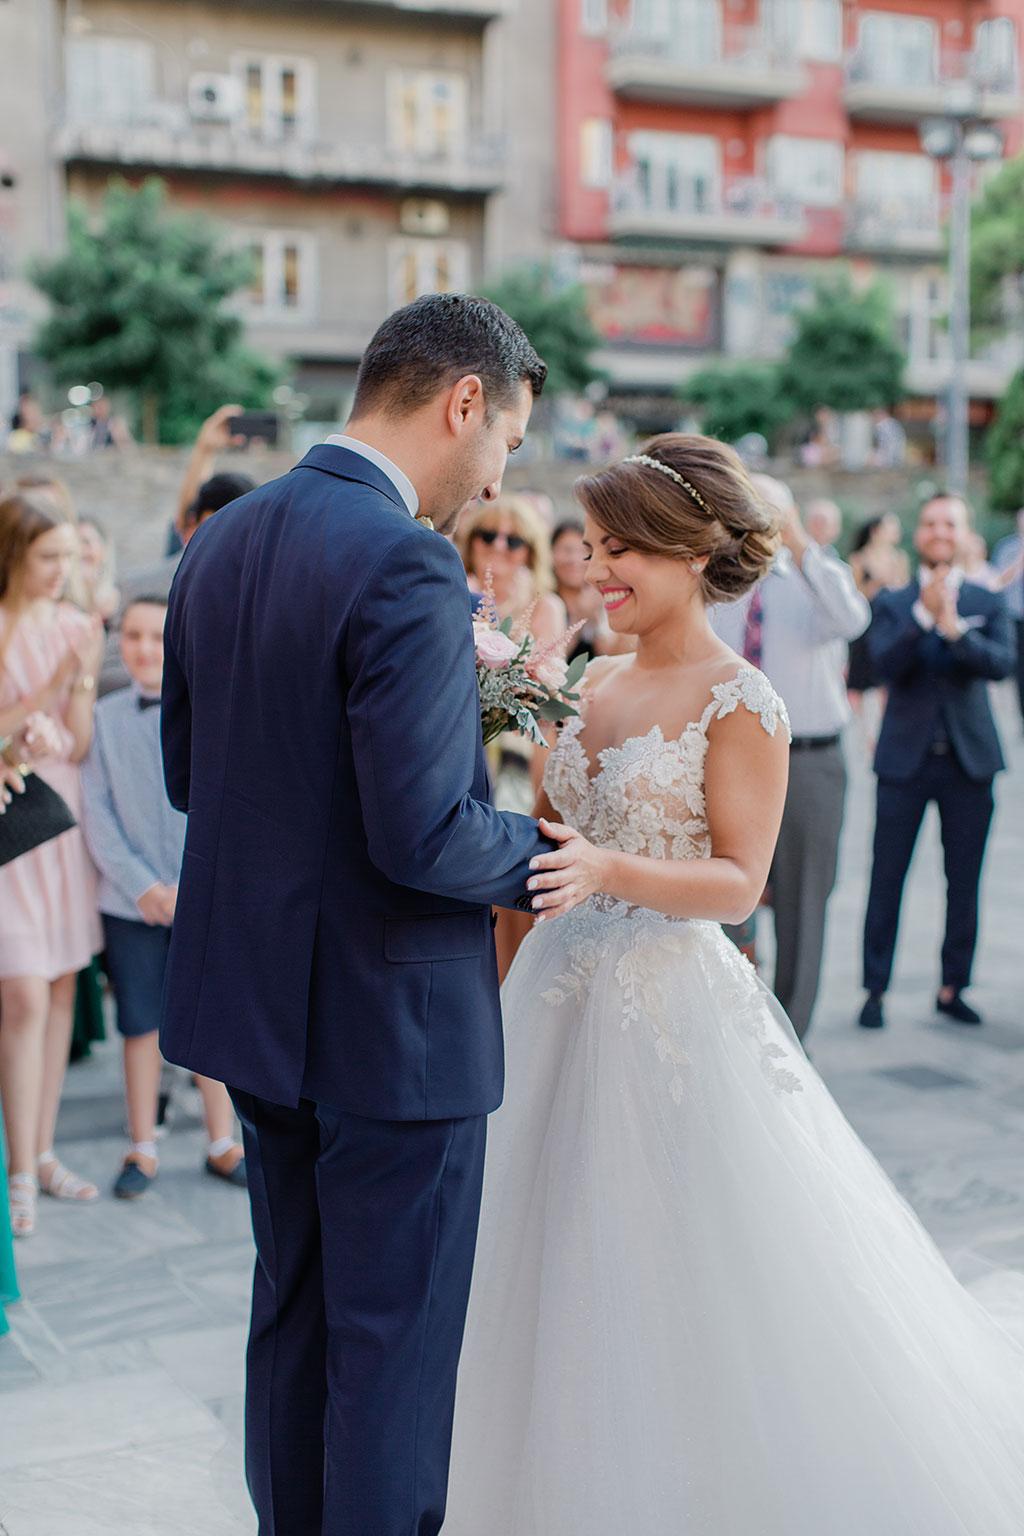 Η πρώτη συνάντηση του γαμπρού με την νύφη, the first look for the groom and bride